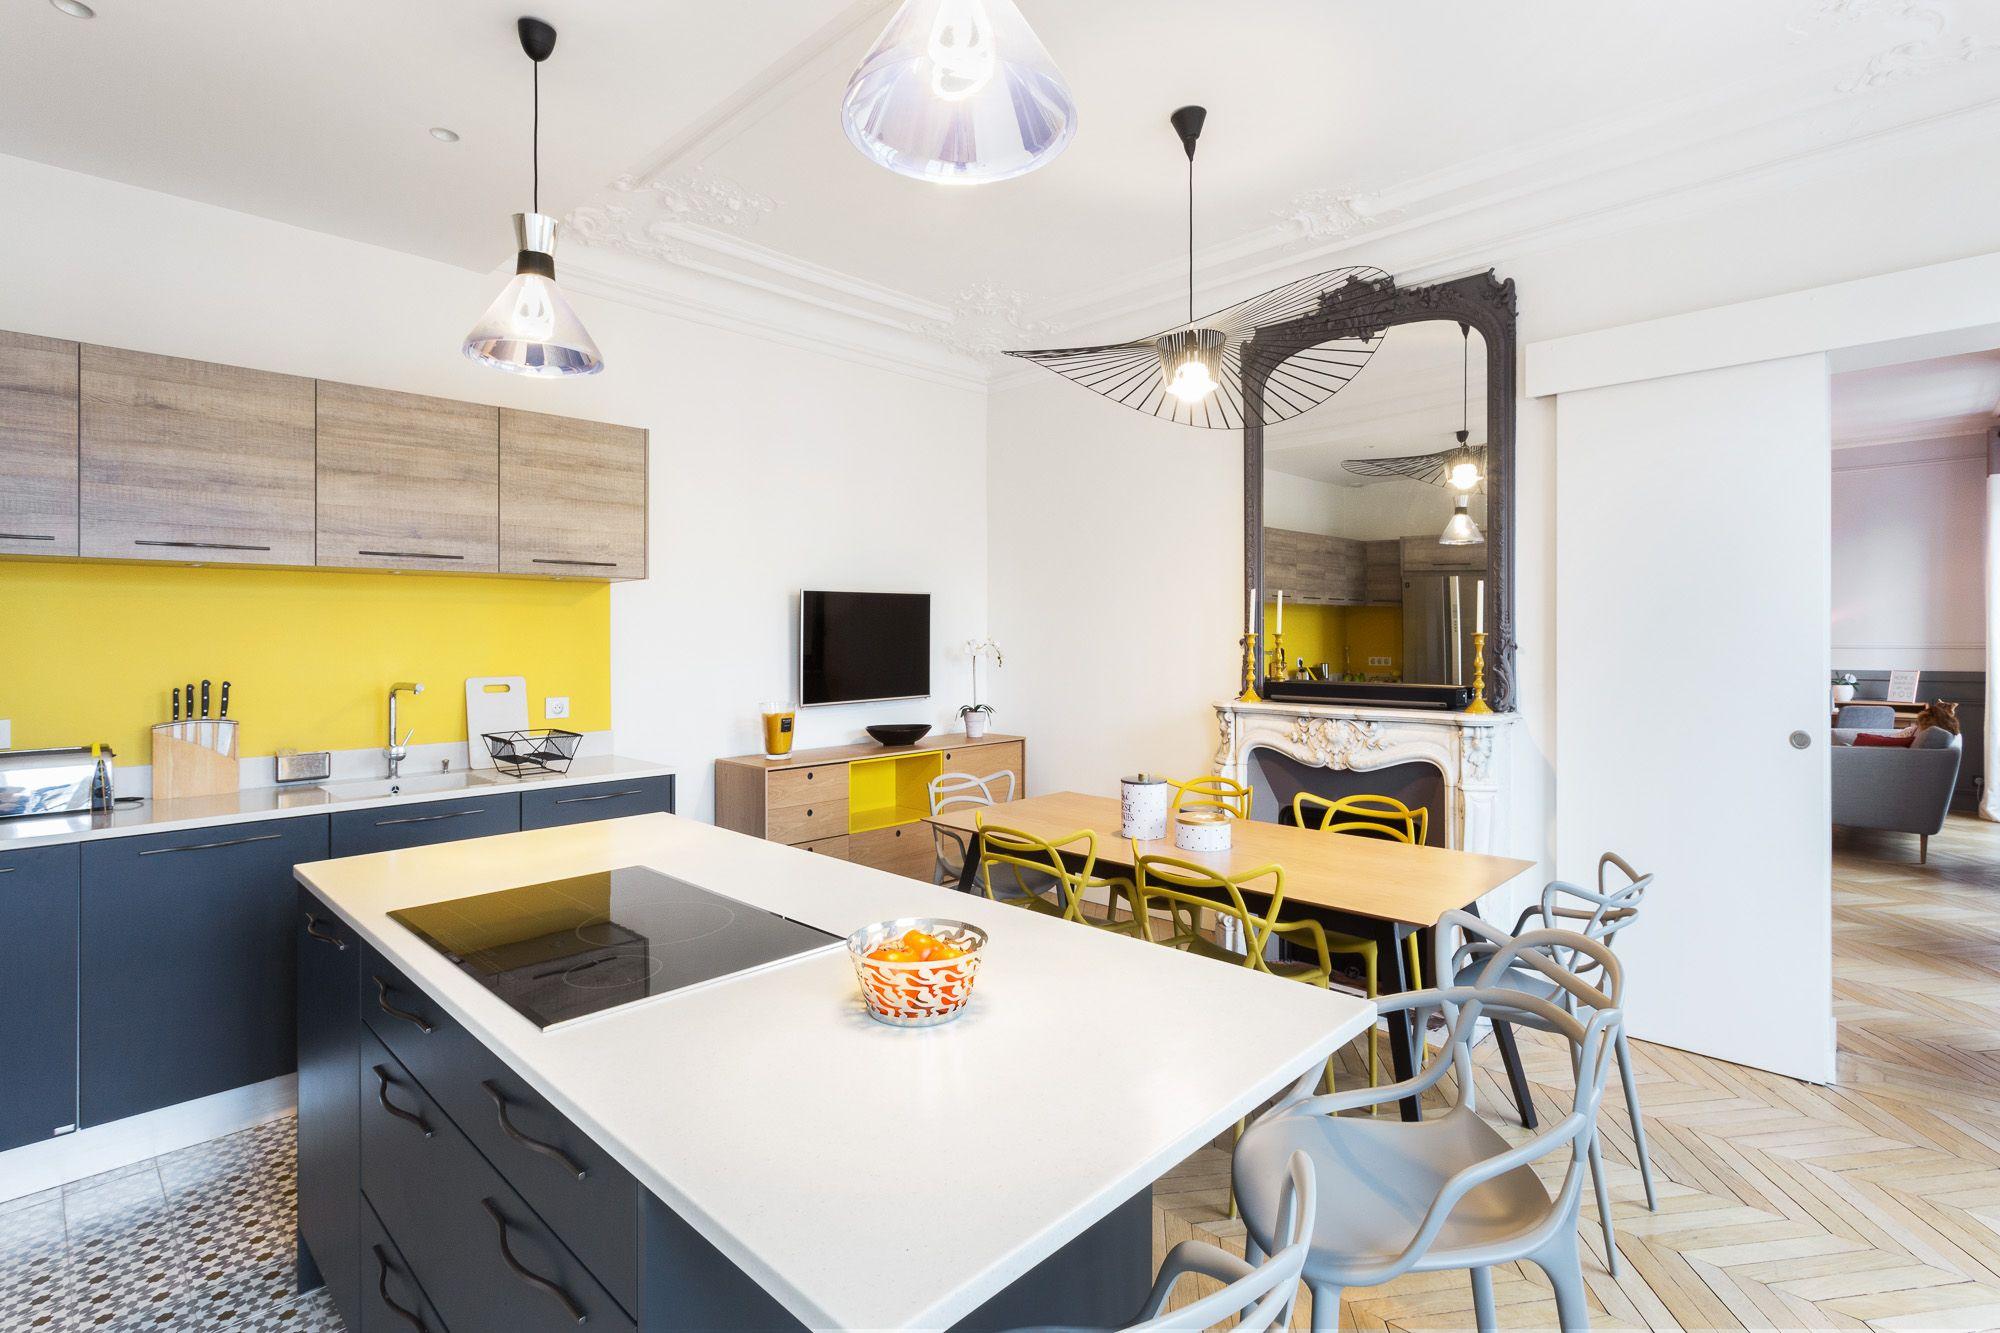 Cuisine graphique jaune et grise - appartement haussmannien parisien ...